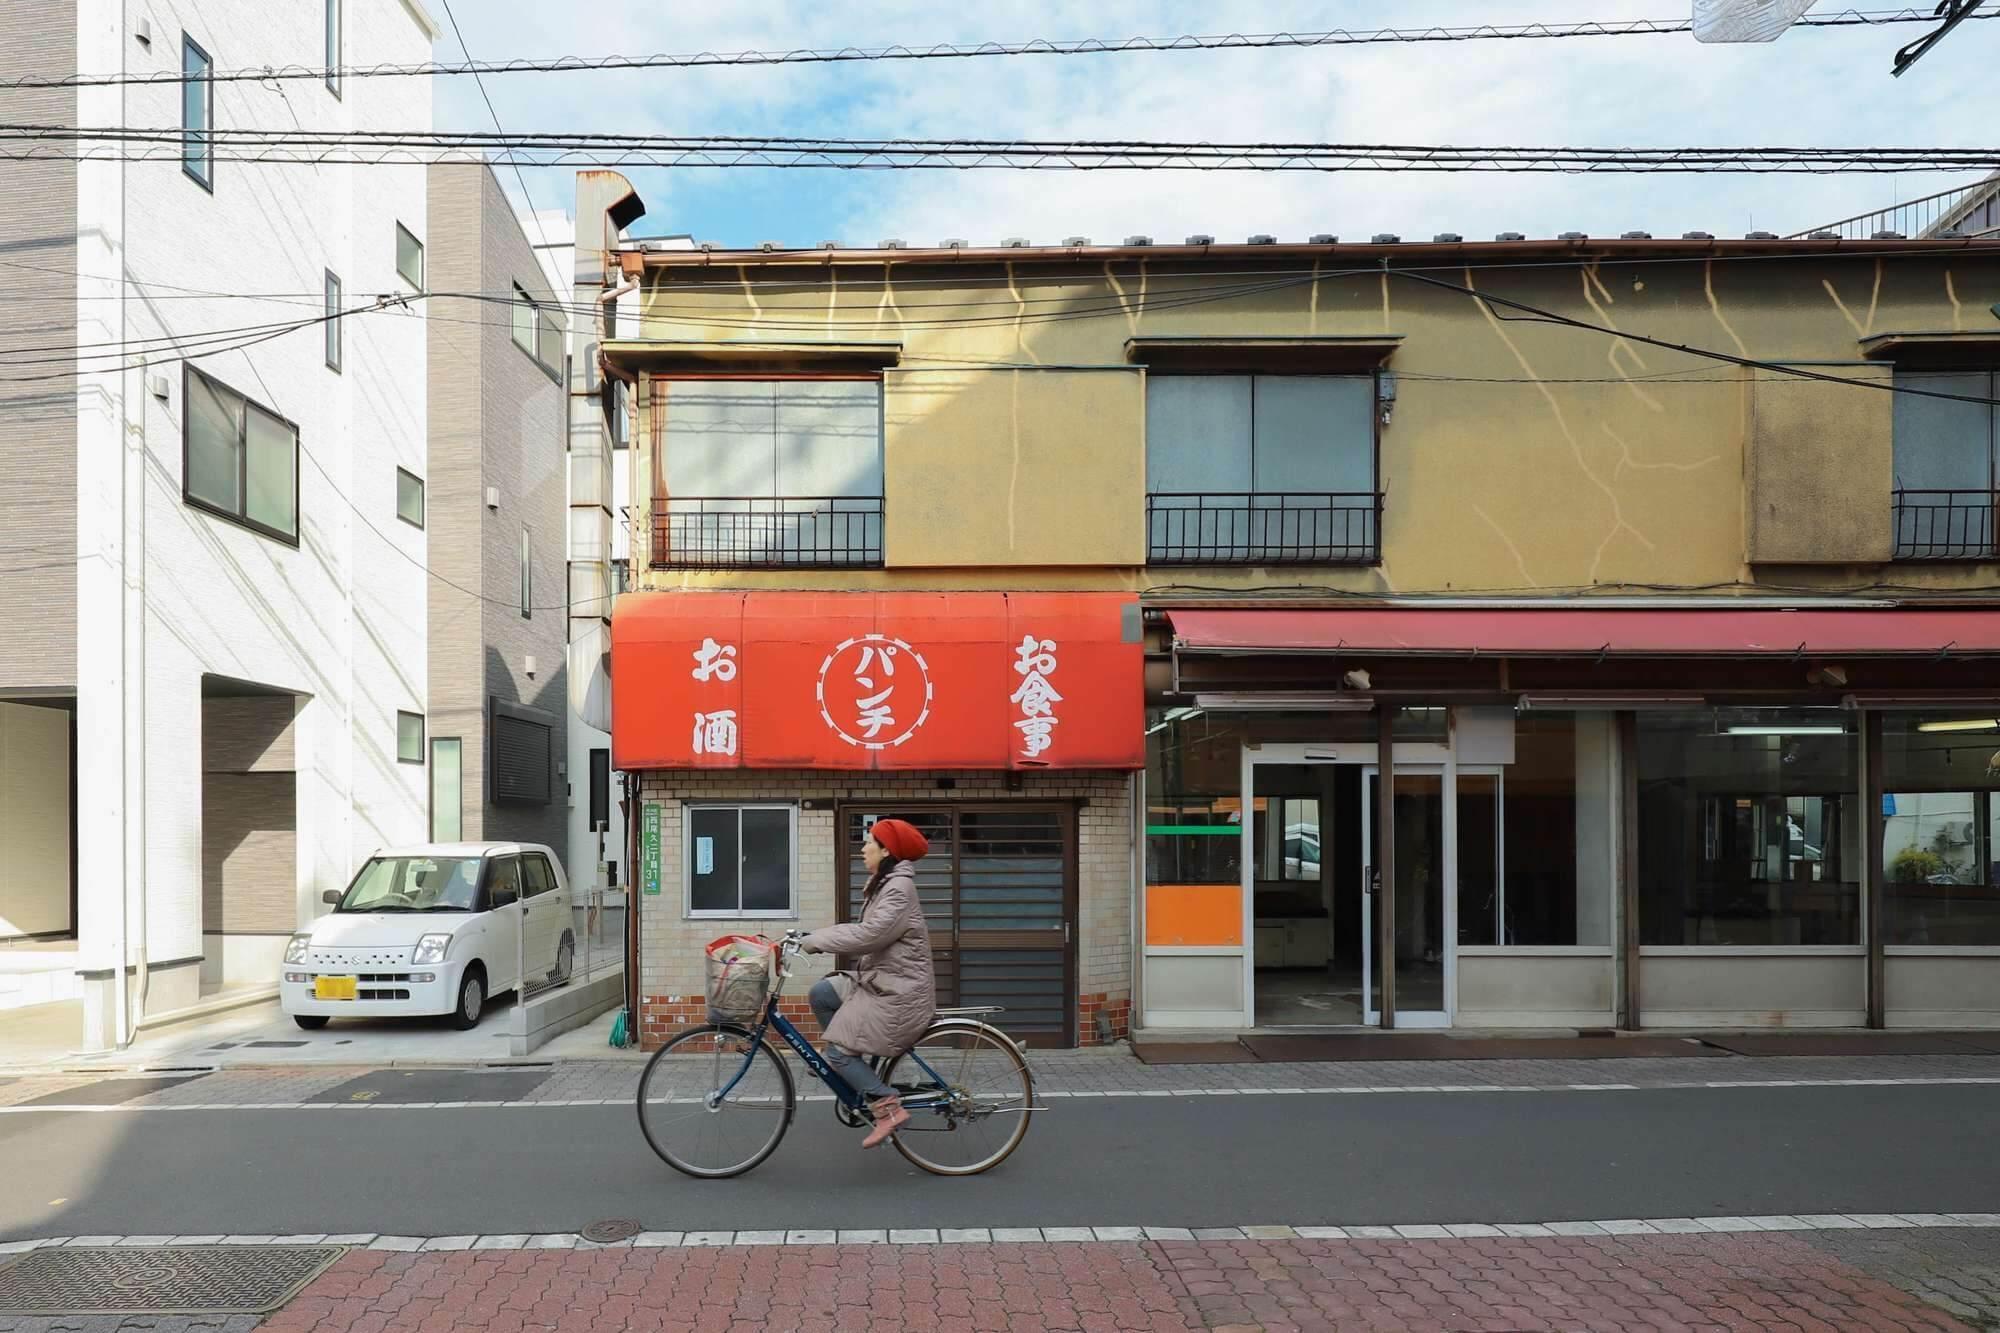 パンチ、貸します 【ニューニュータウン】 (荒川区西尾久の物件) - 東京R不動産